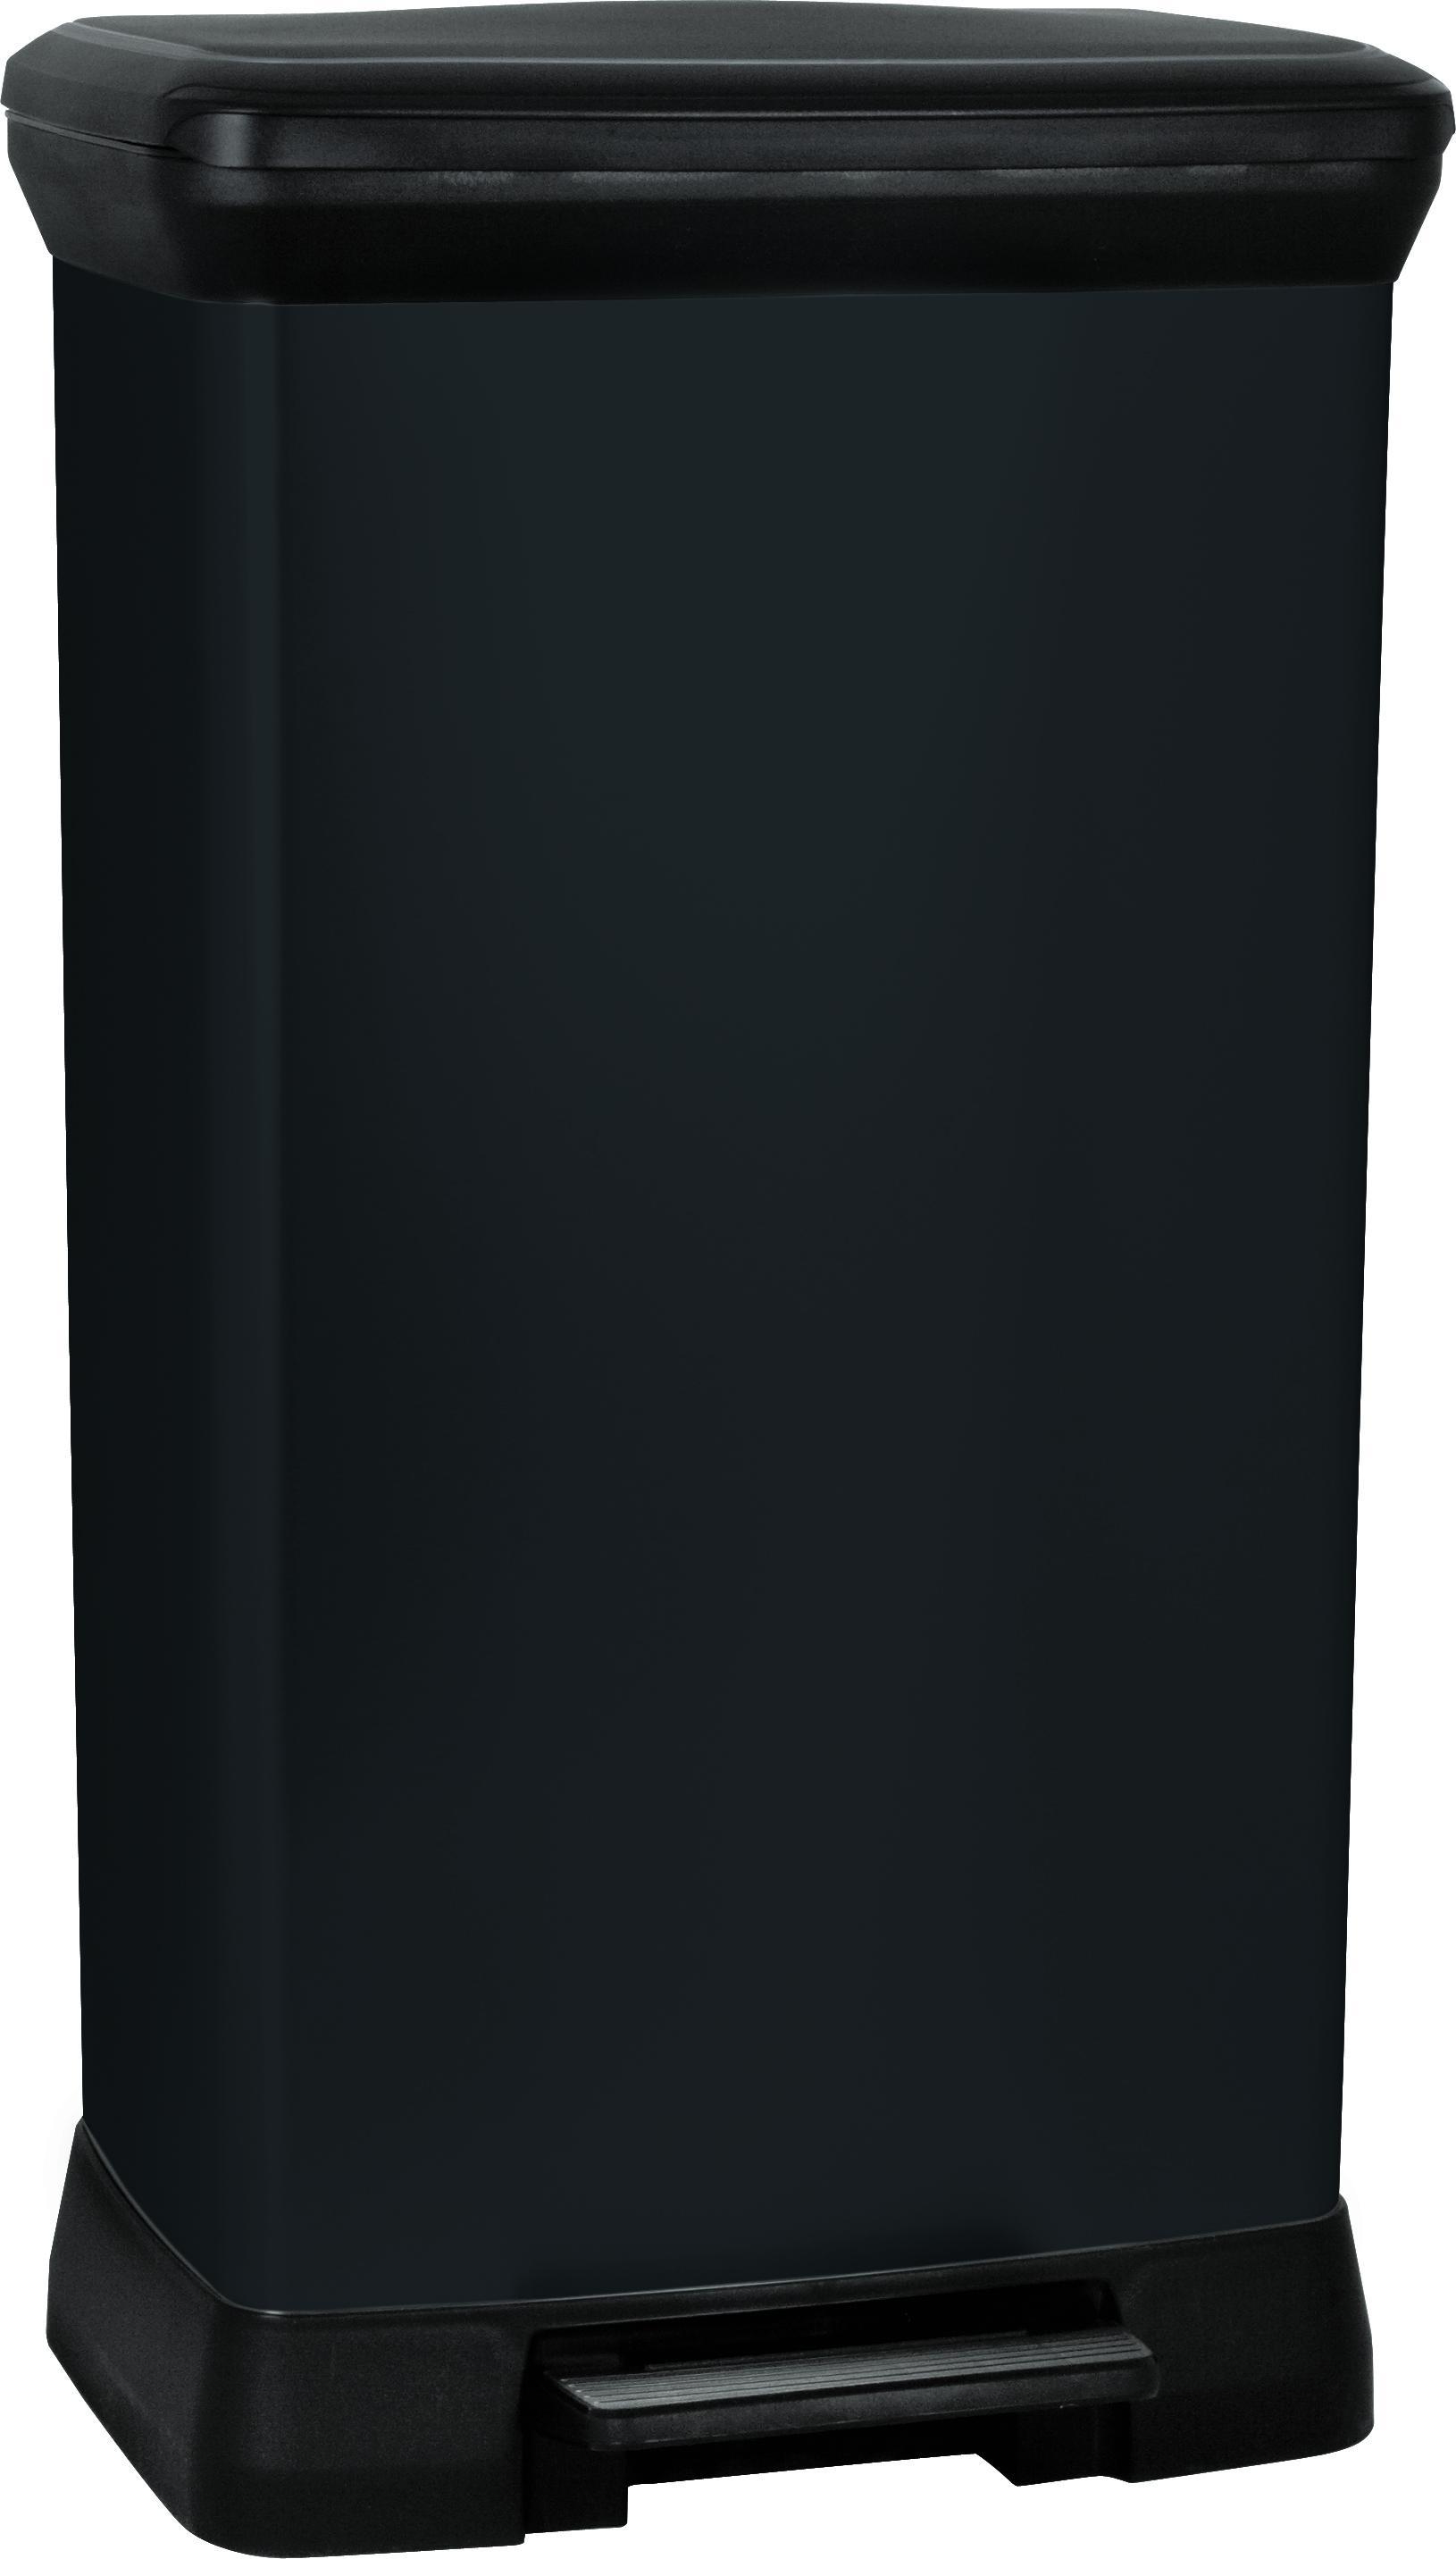 curver poubelle p dale rectangulaire 50 l aspect m tal noir 187179 pas cher achat. Black Bedroom Furniture Sets. Home Design Ideas